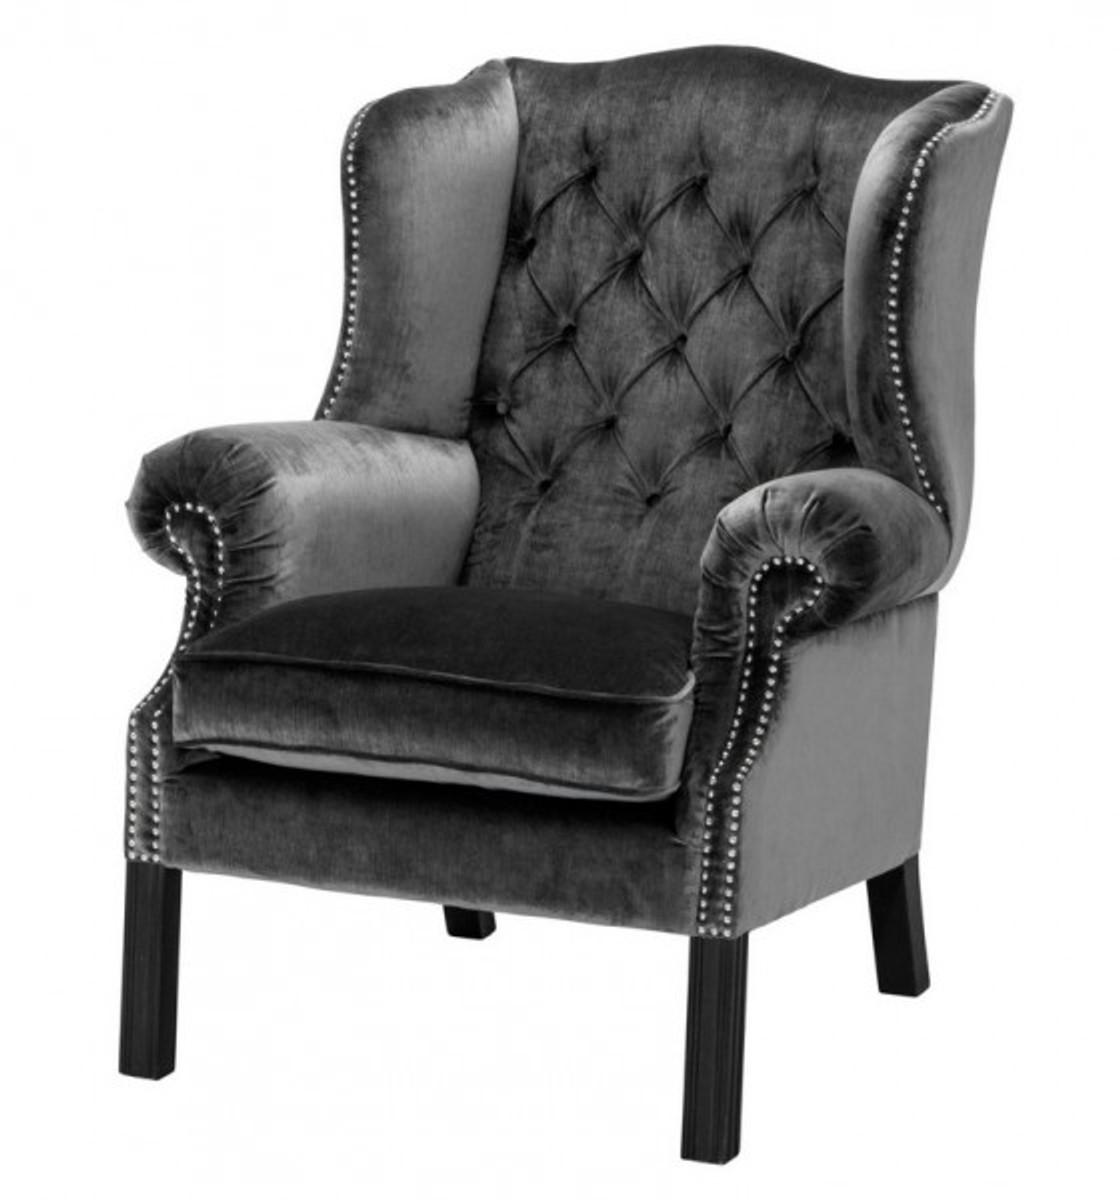 Casa Padrino Luxus Chesterfield Ohrensessel Grau Schwarz Sessel Mobel Kaufen Bei Demotex Gmbh